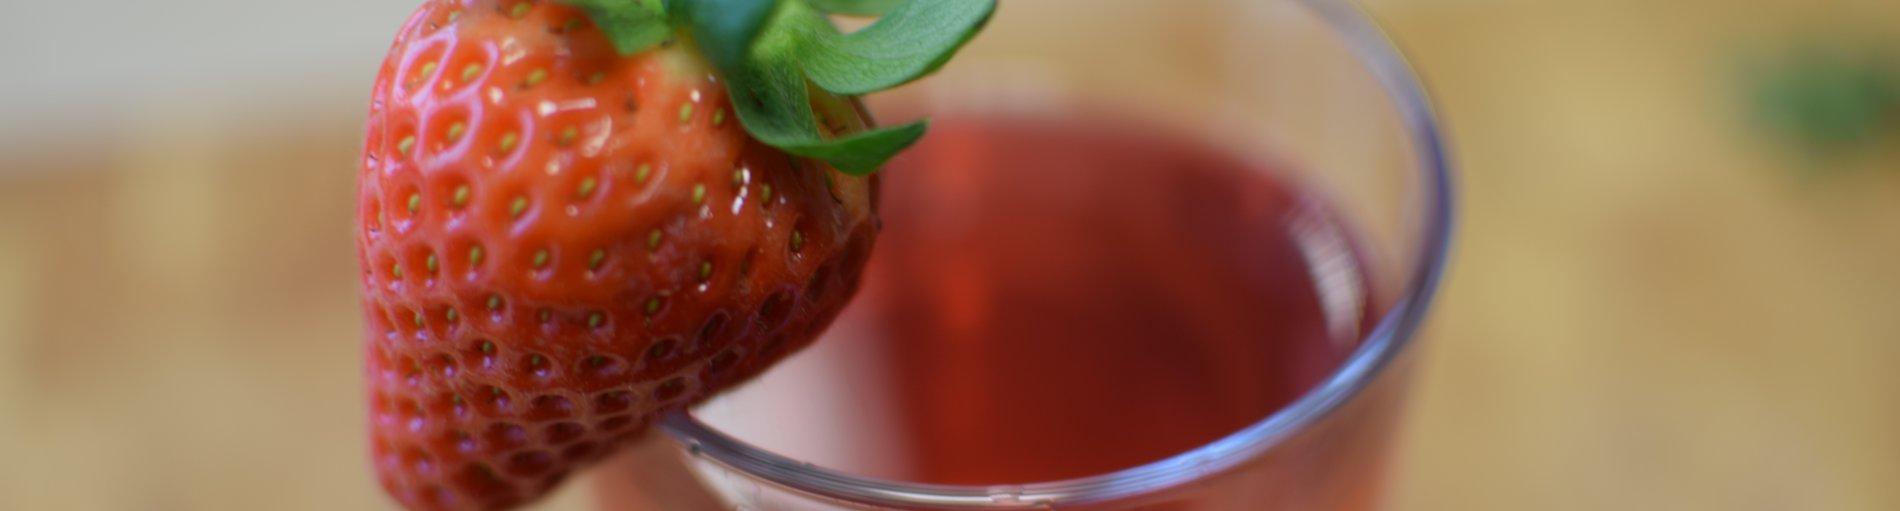 Erdbeer-Basilikum-Eistee